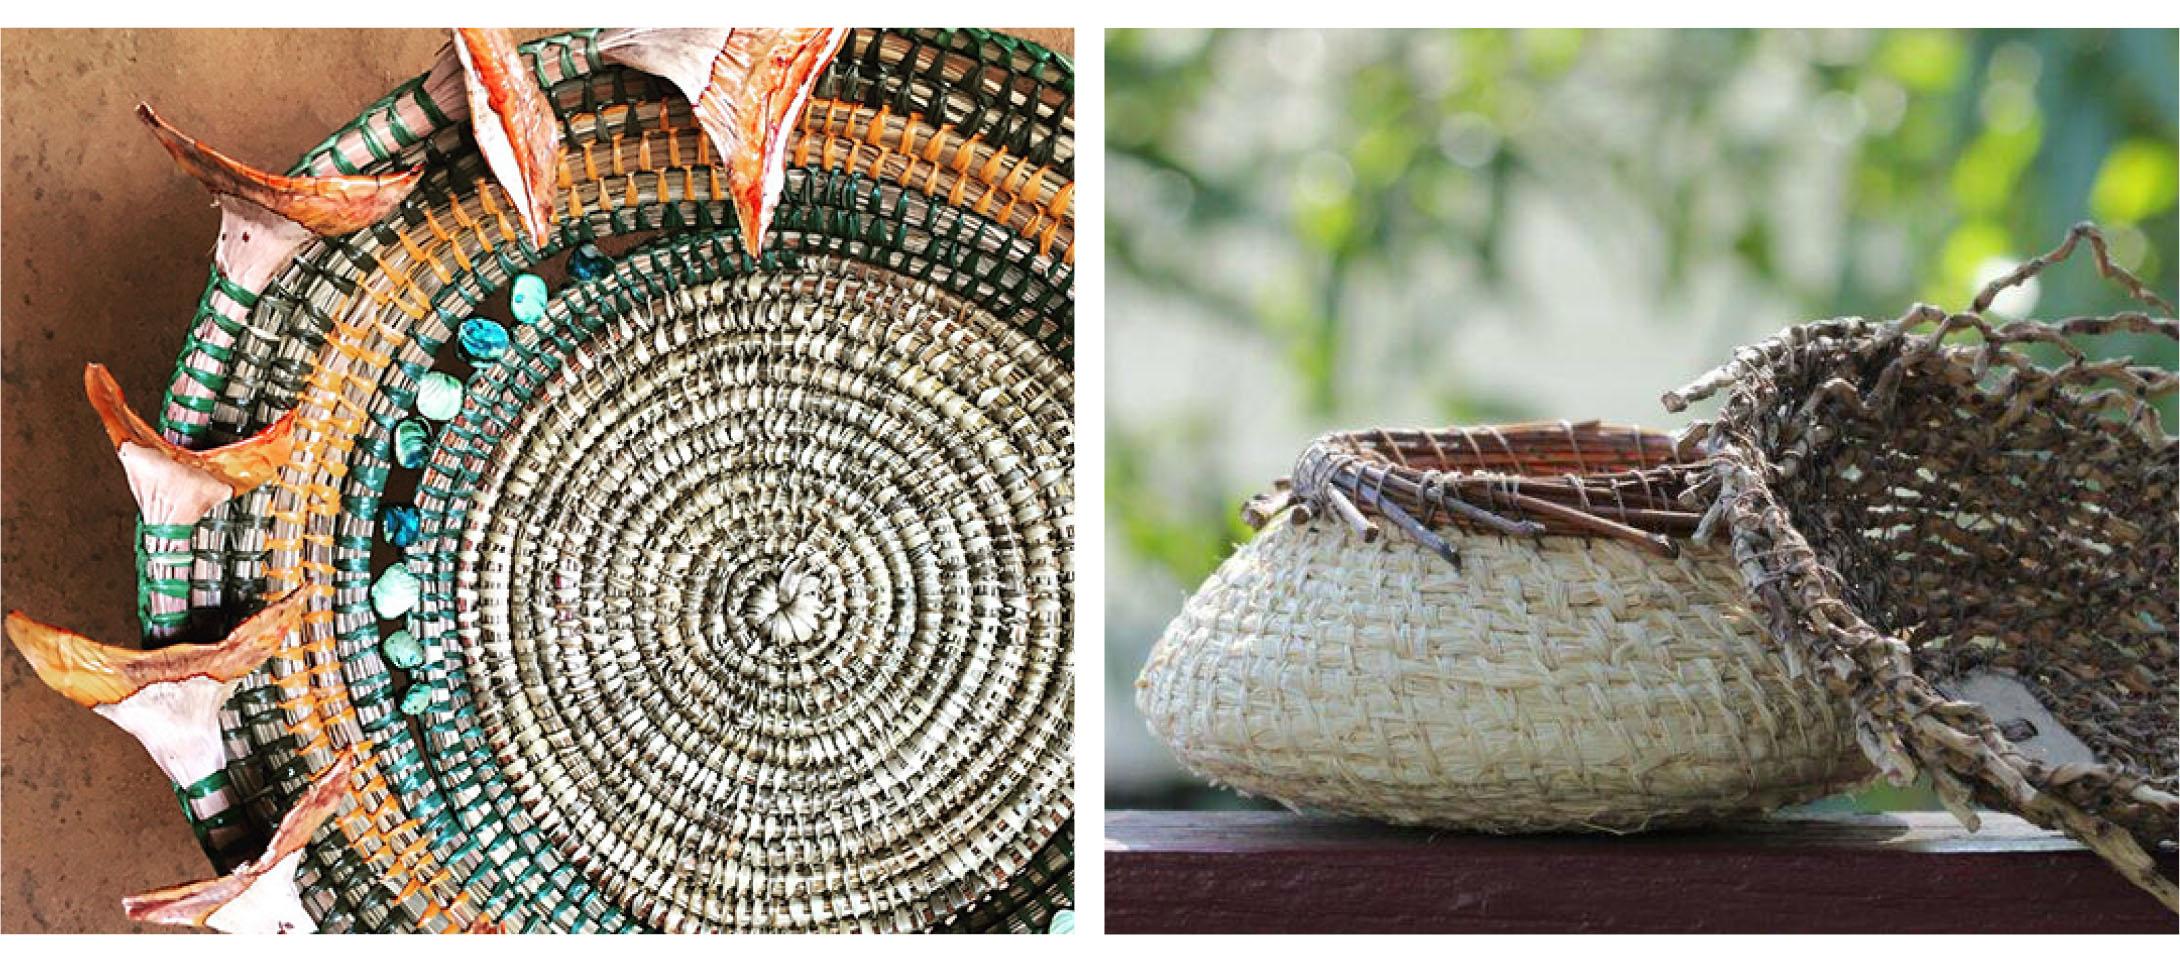 WeavingImg.jpg